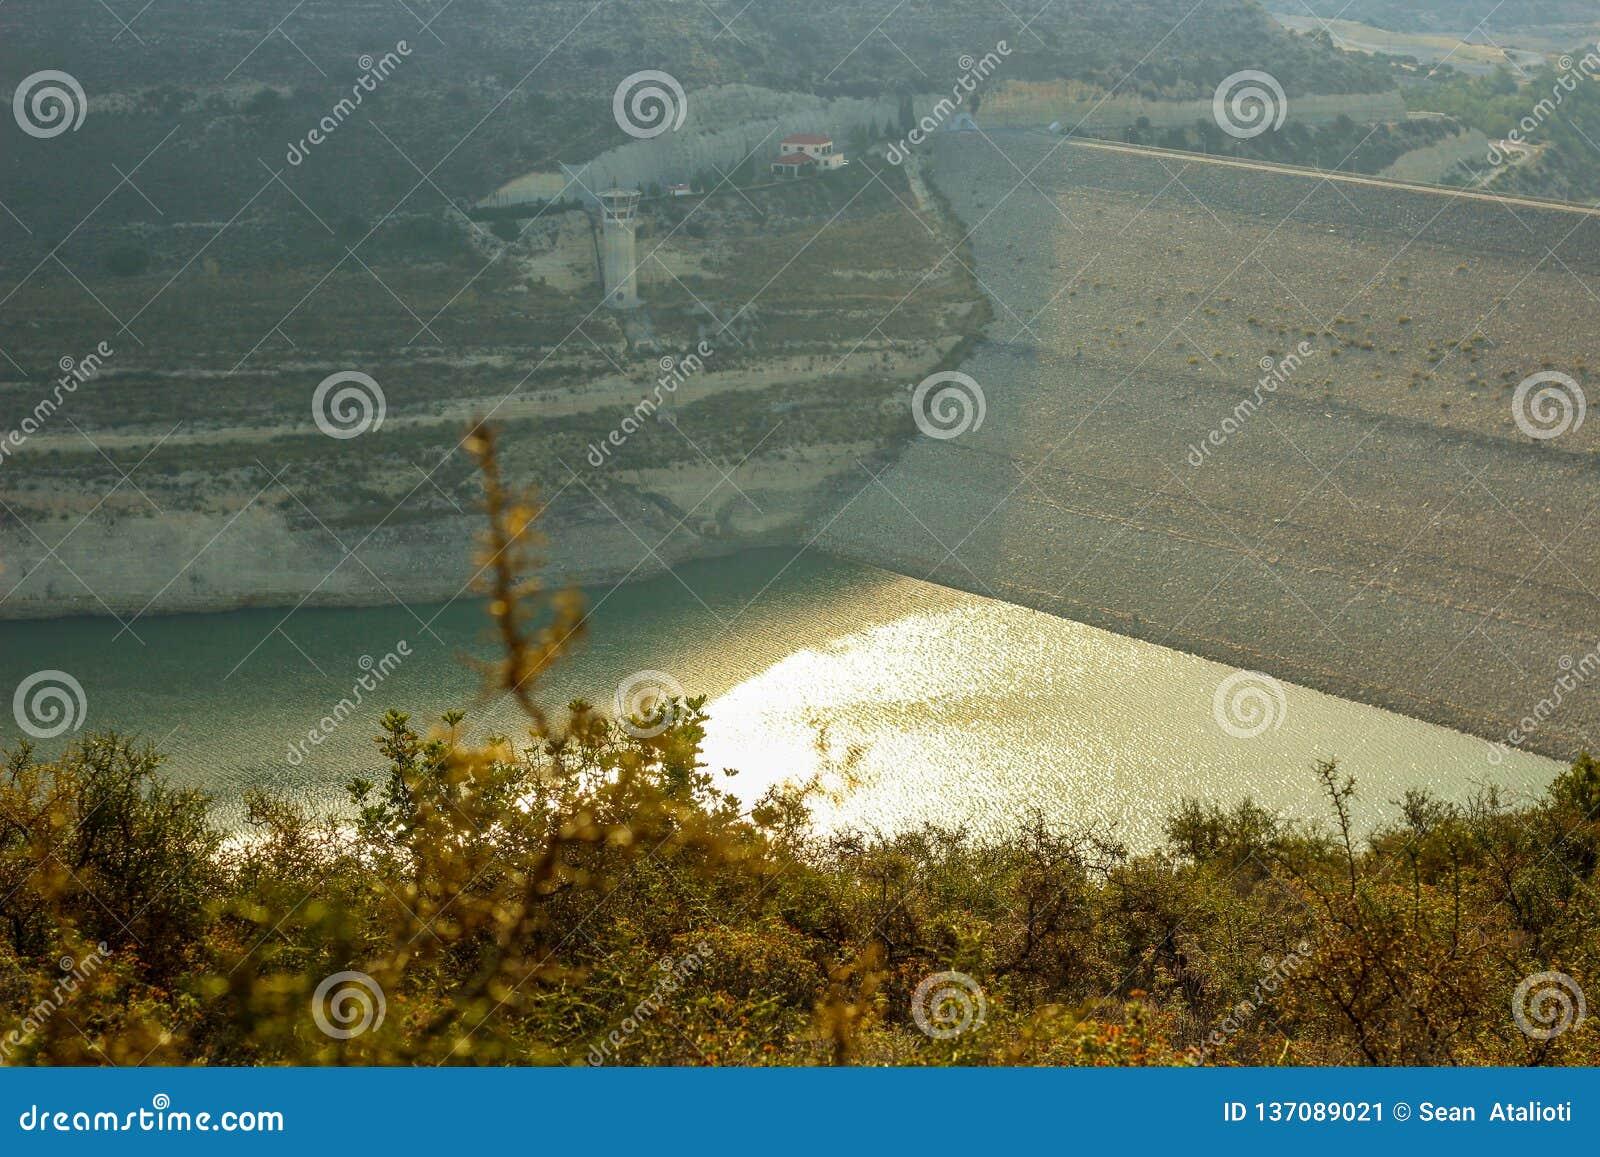 Alassa Dam water shortage at 25